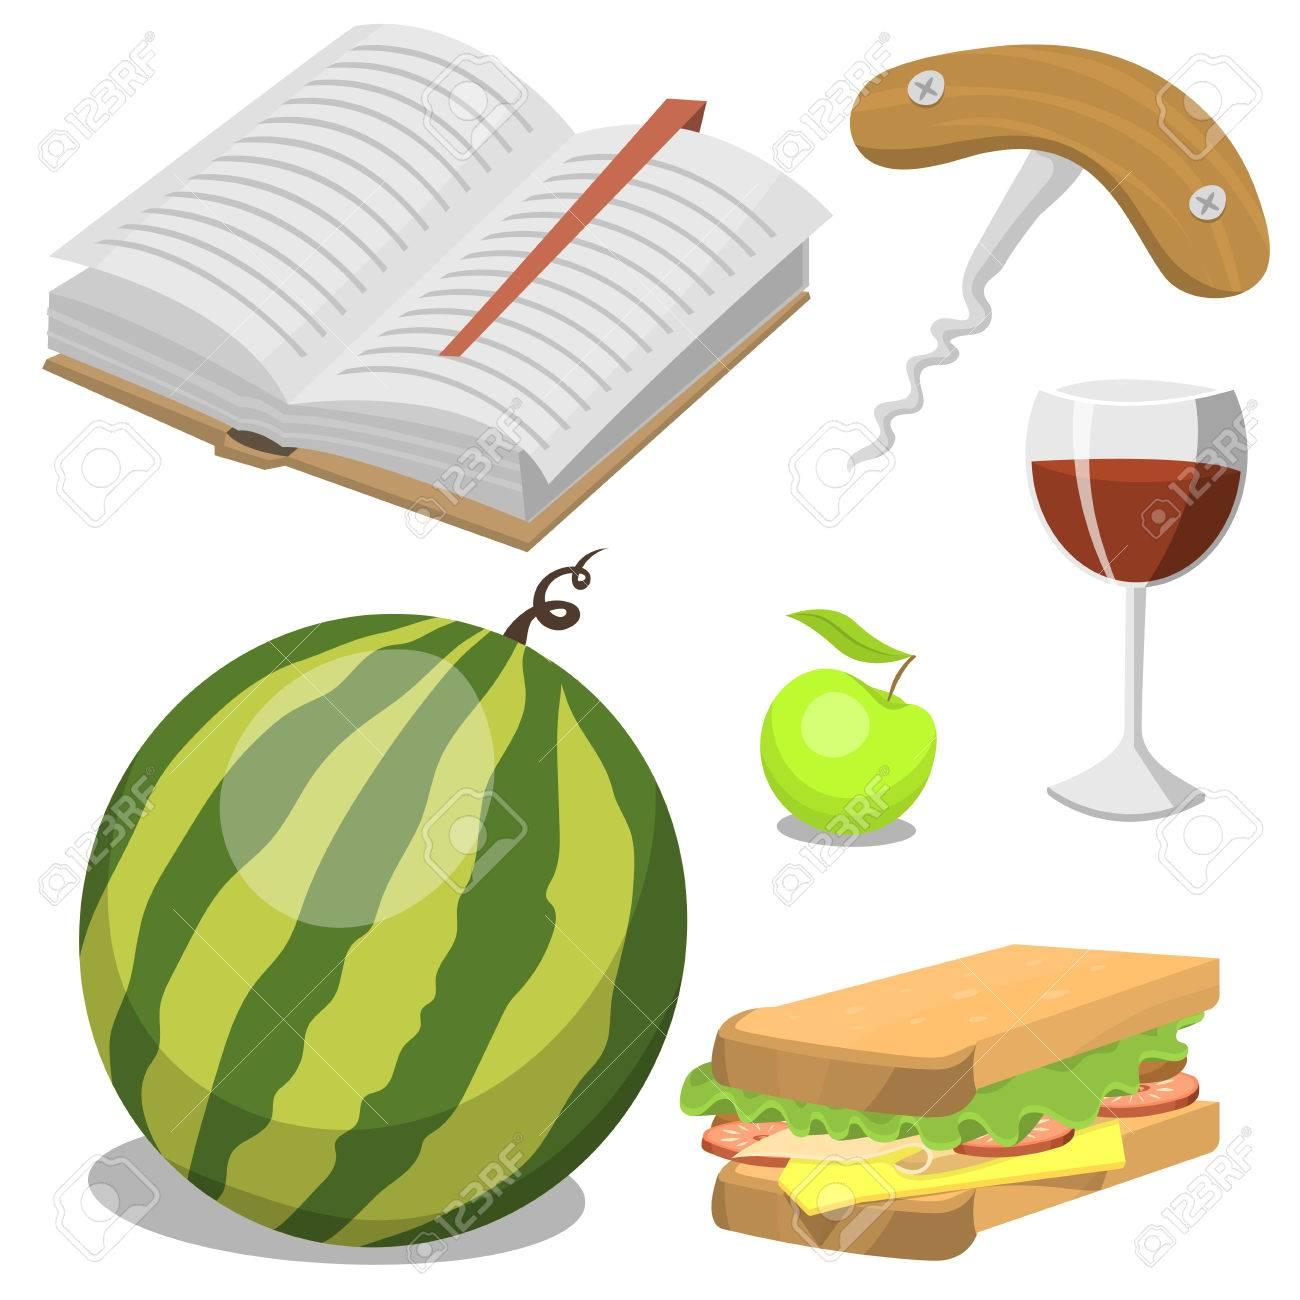 食品リラックス休暇コンテナー ランチ夏食事ベクトル イラスト付き